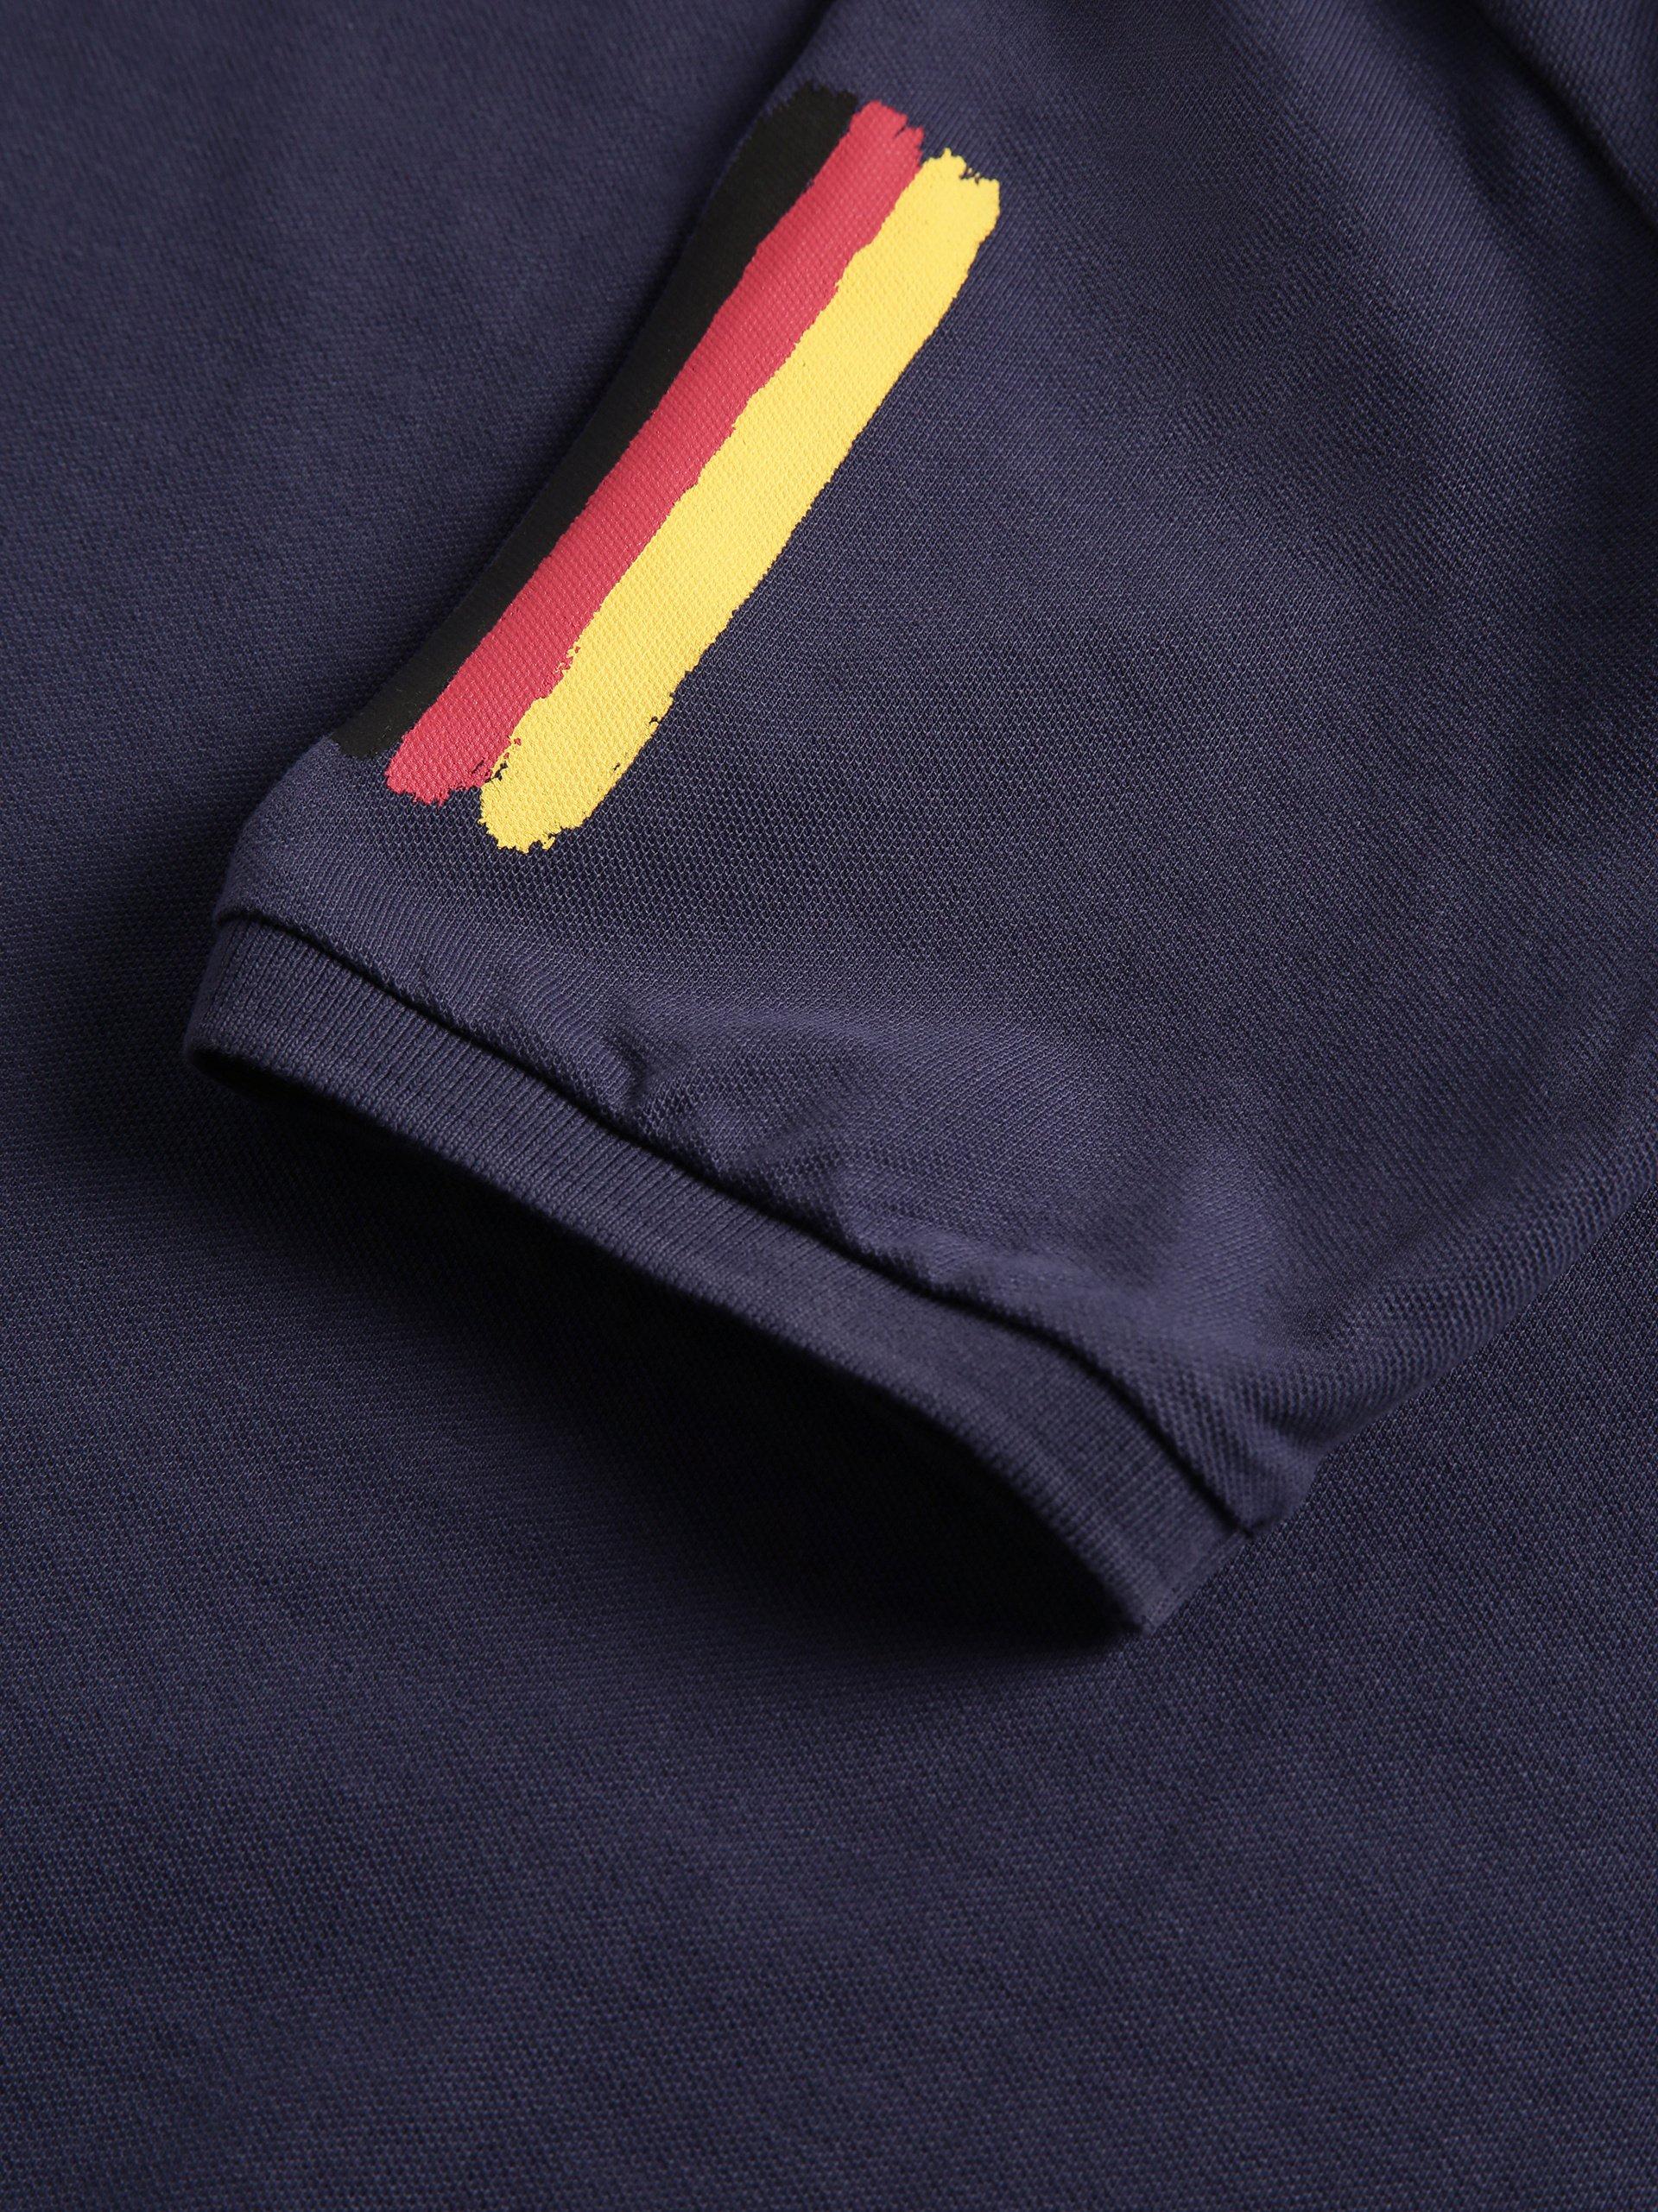 Nils Sundström Herren Poloshirt - Fußball-Weltmeisterschaft